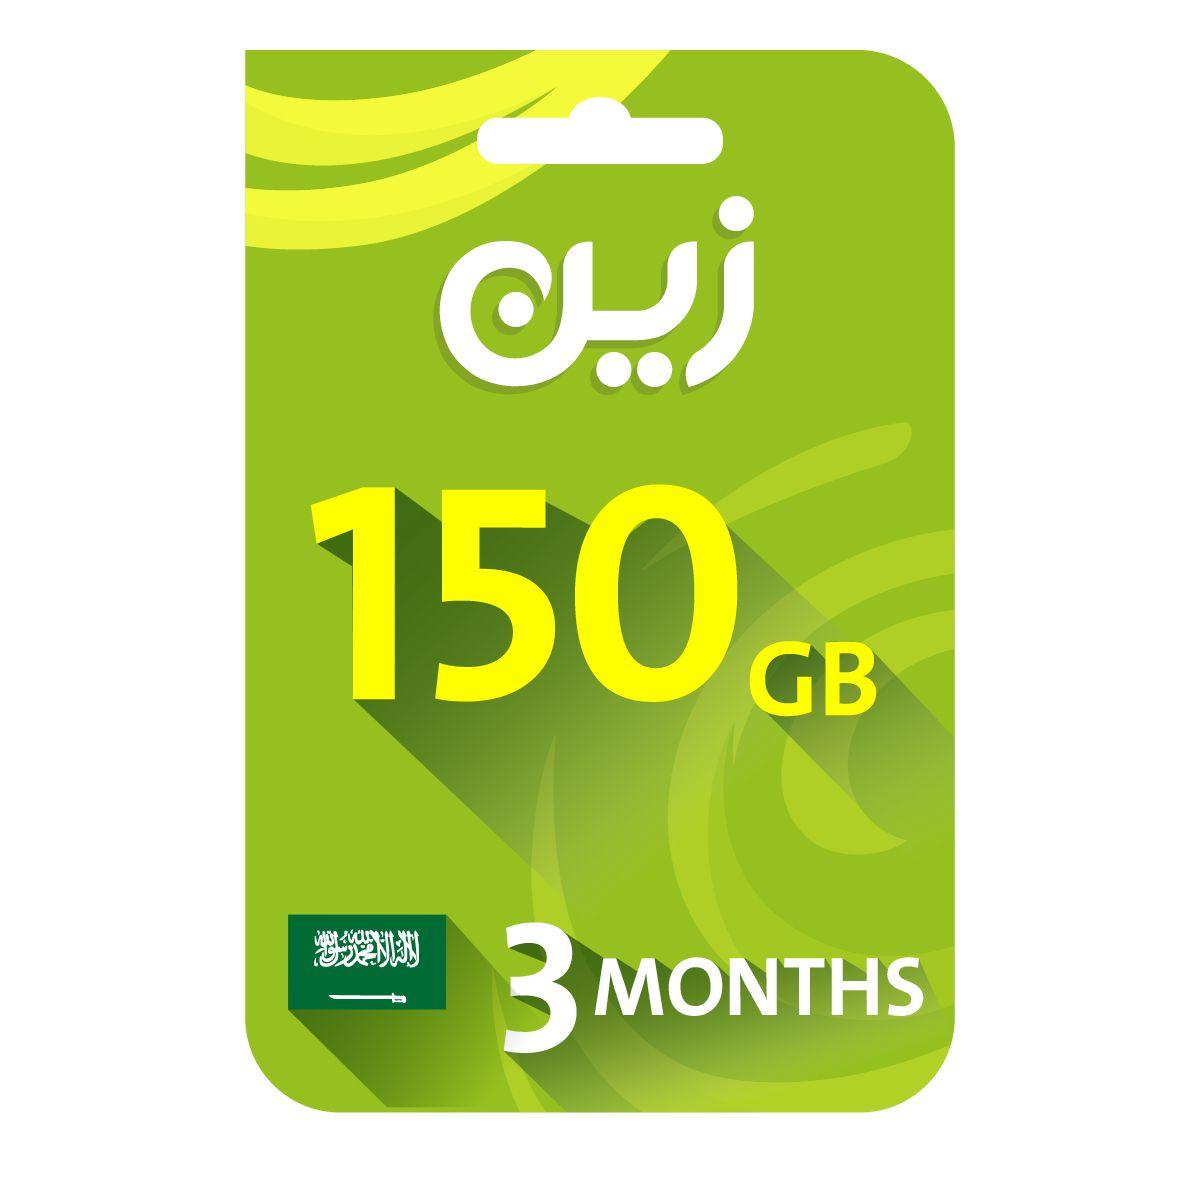 بطاقة زين مسبقة الدفع لشحن الانترنت 150 جيجا لمدة ثلاث شهور Gaming Logos Logos Merchants